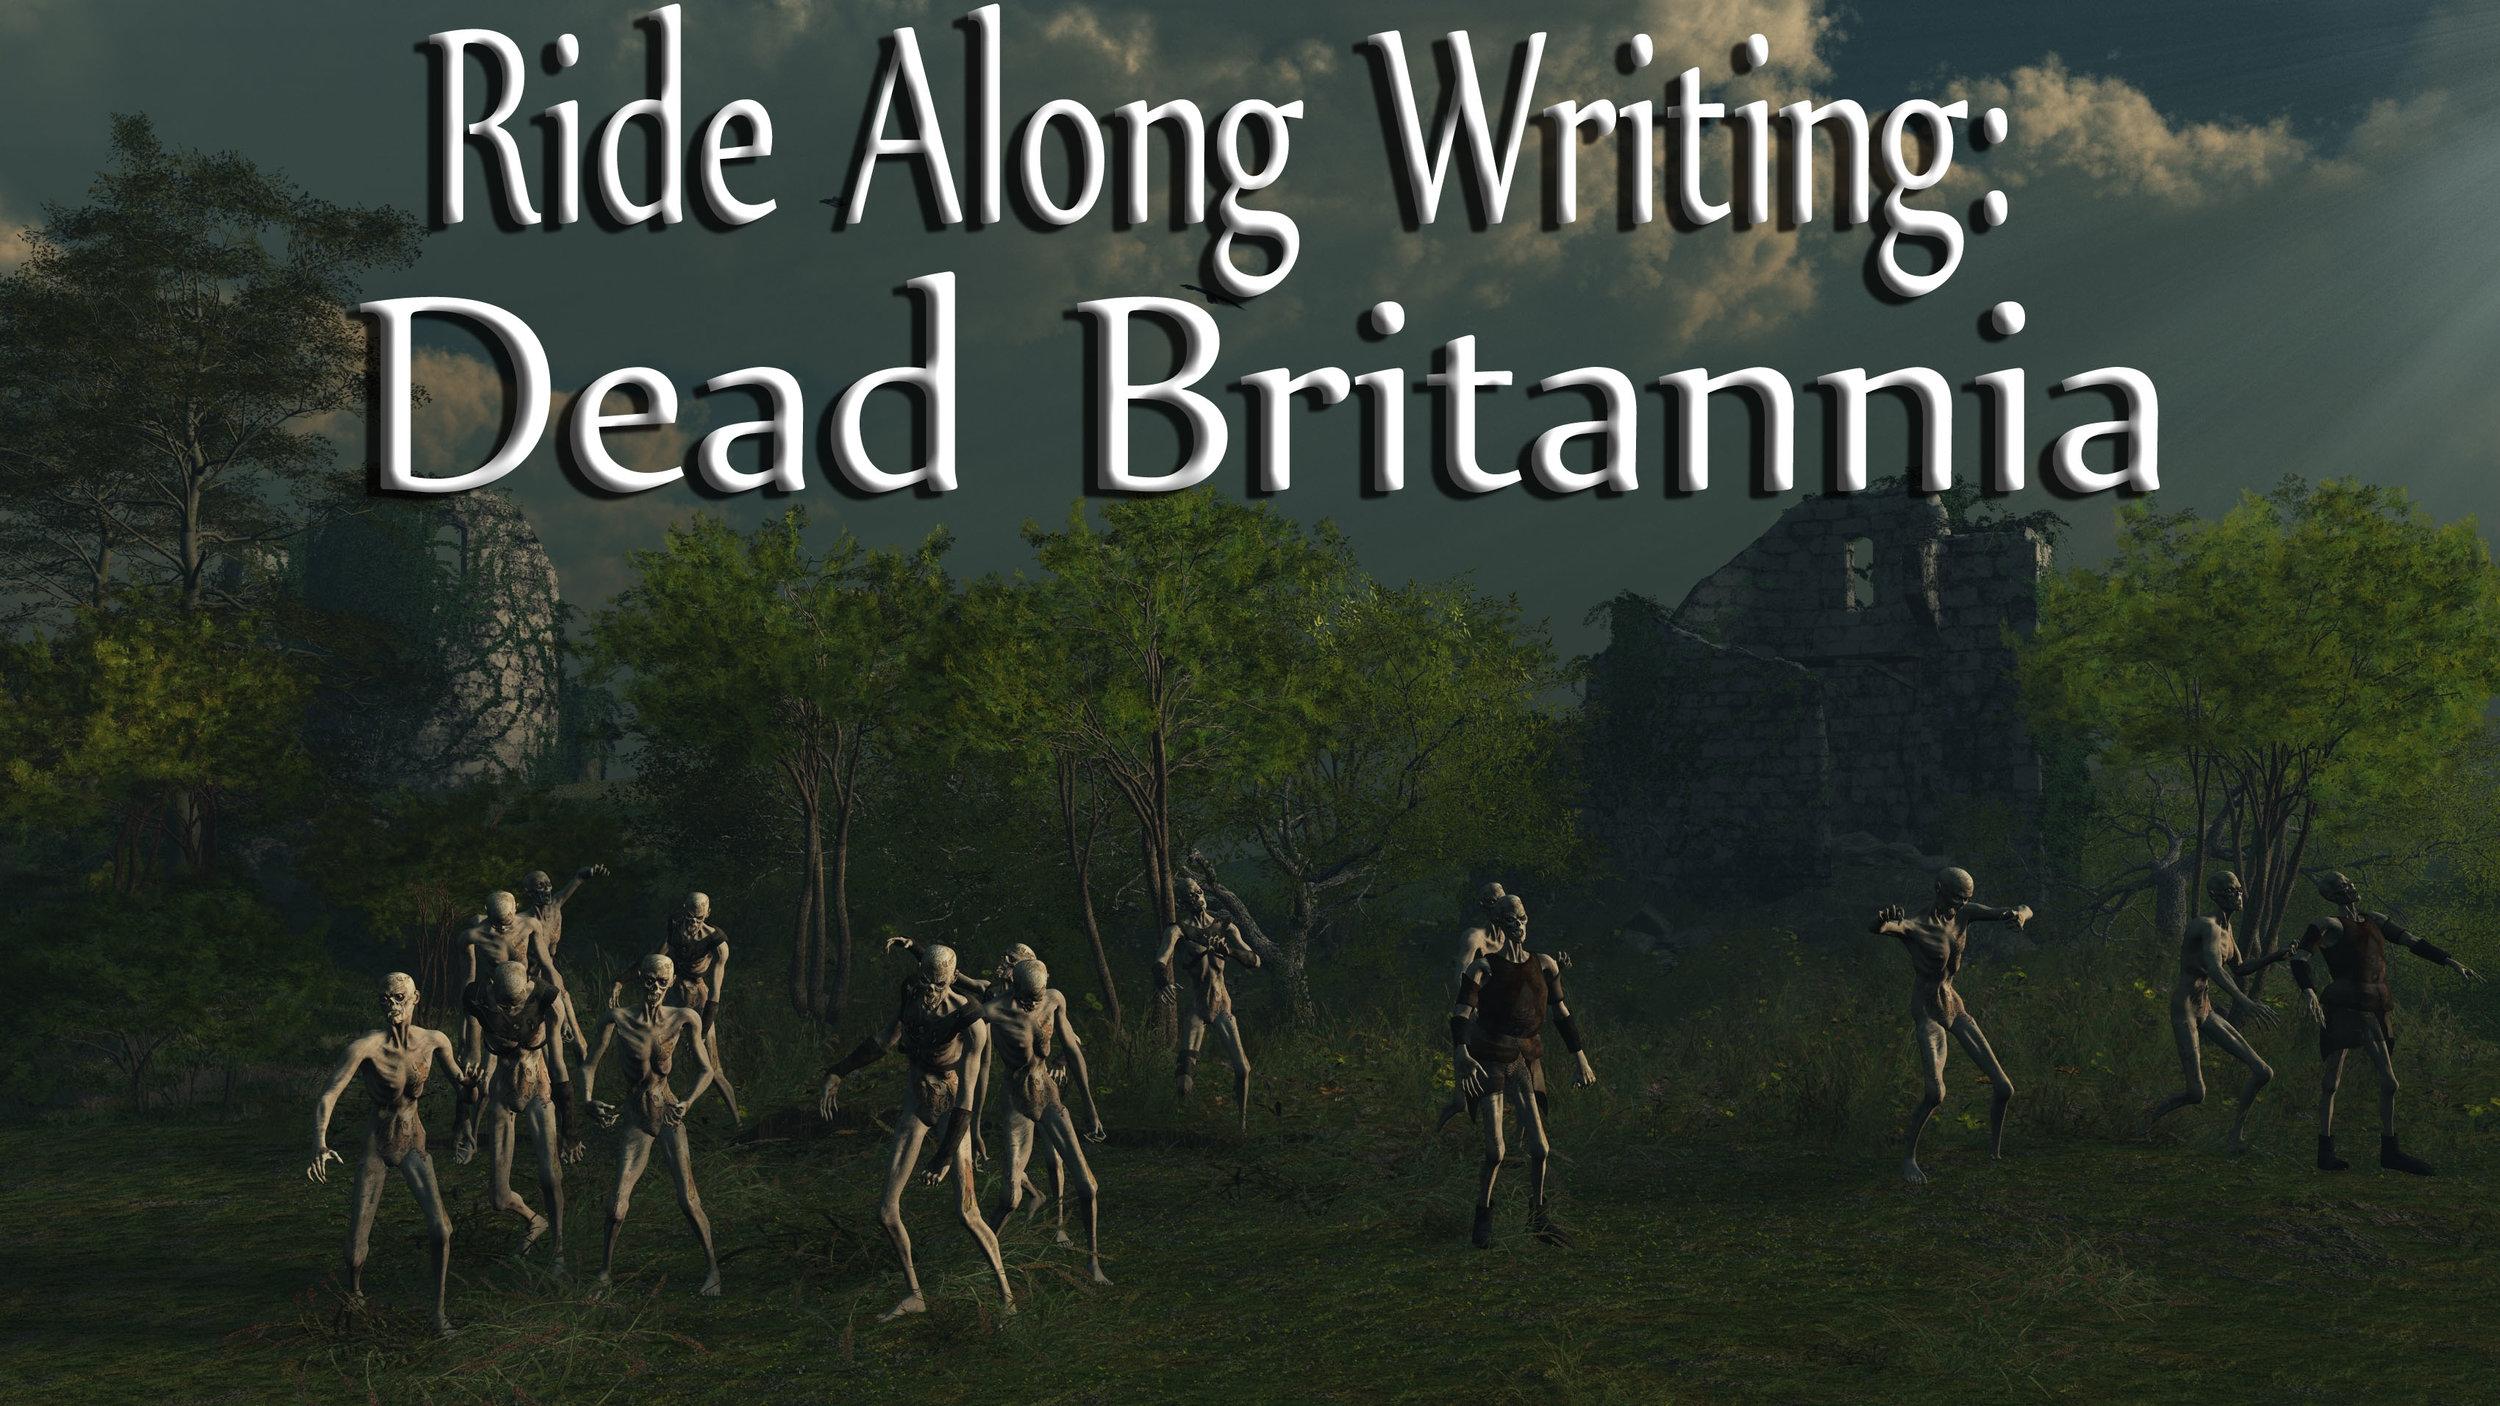 Dead Brittania